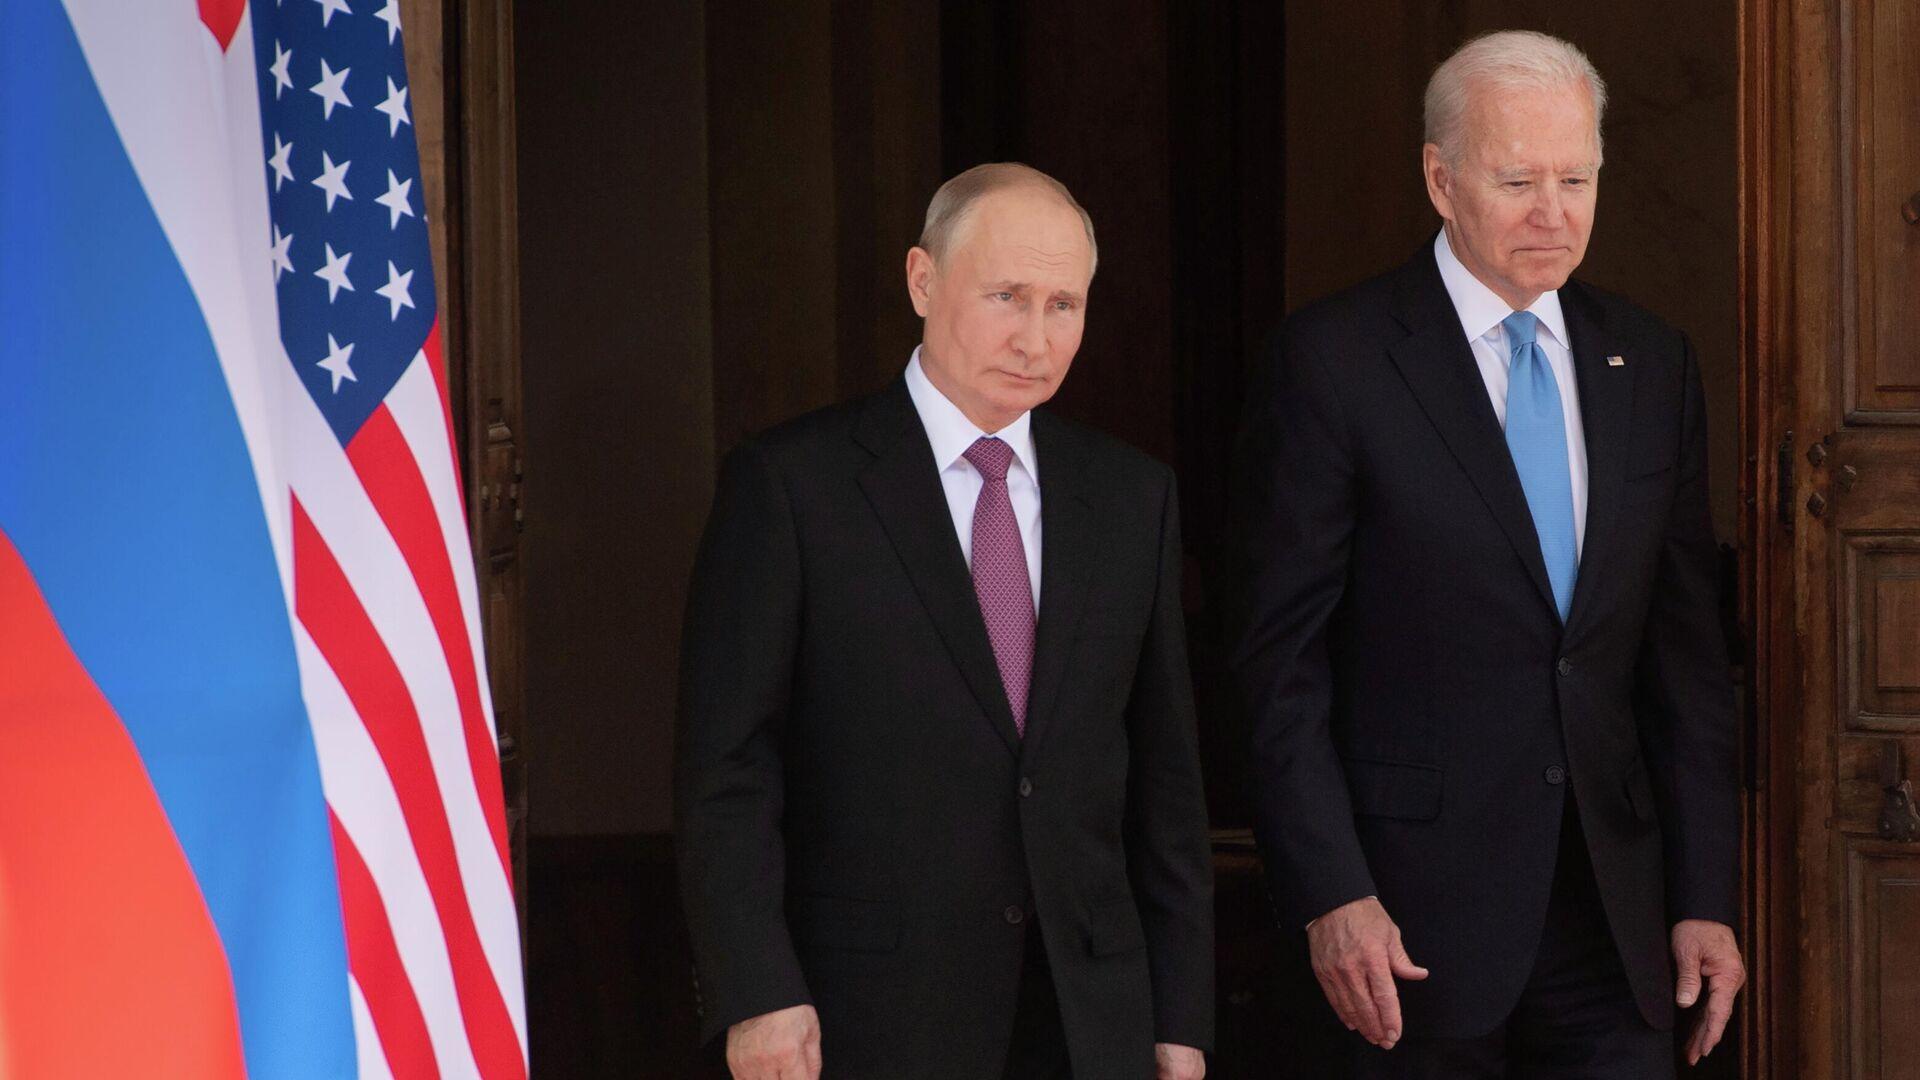 Vladímir Putin, presidente de Rusia, y Joe Biden, presidente de EEUU - Sputnik Mundo, 1920, 17.06.2021